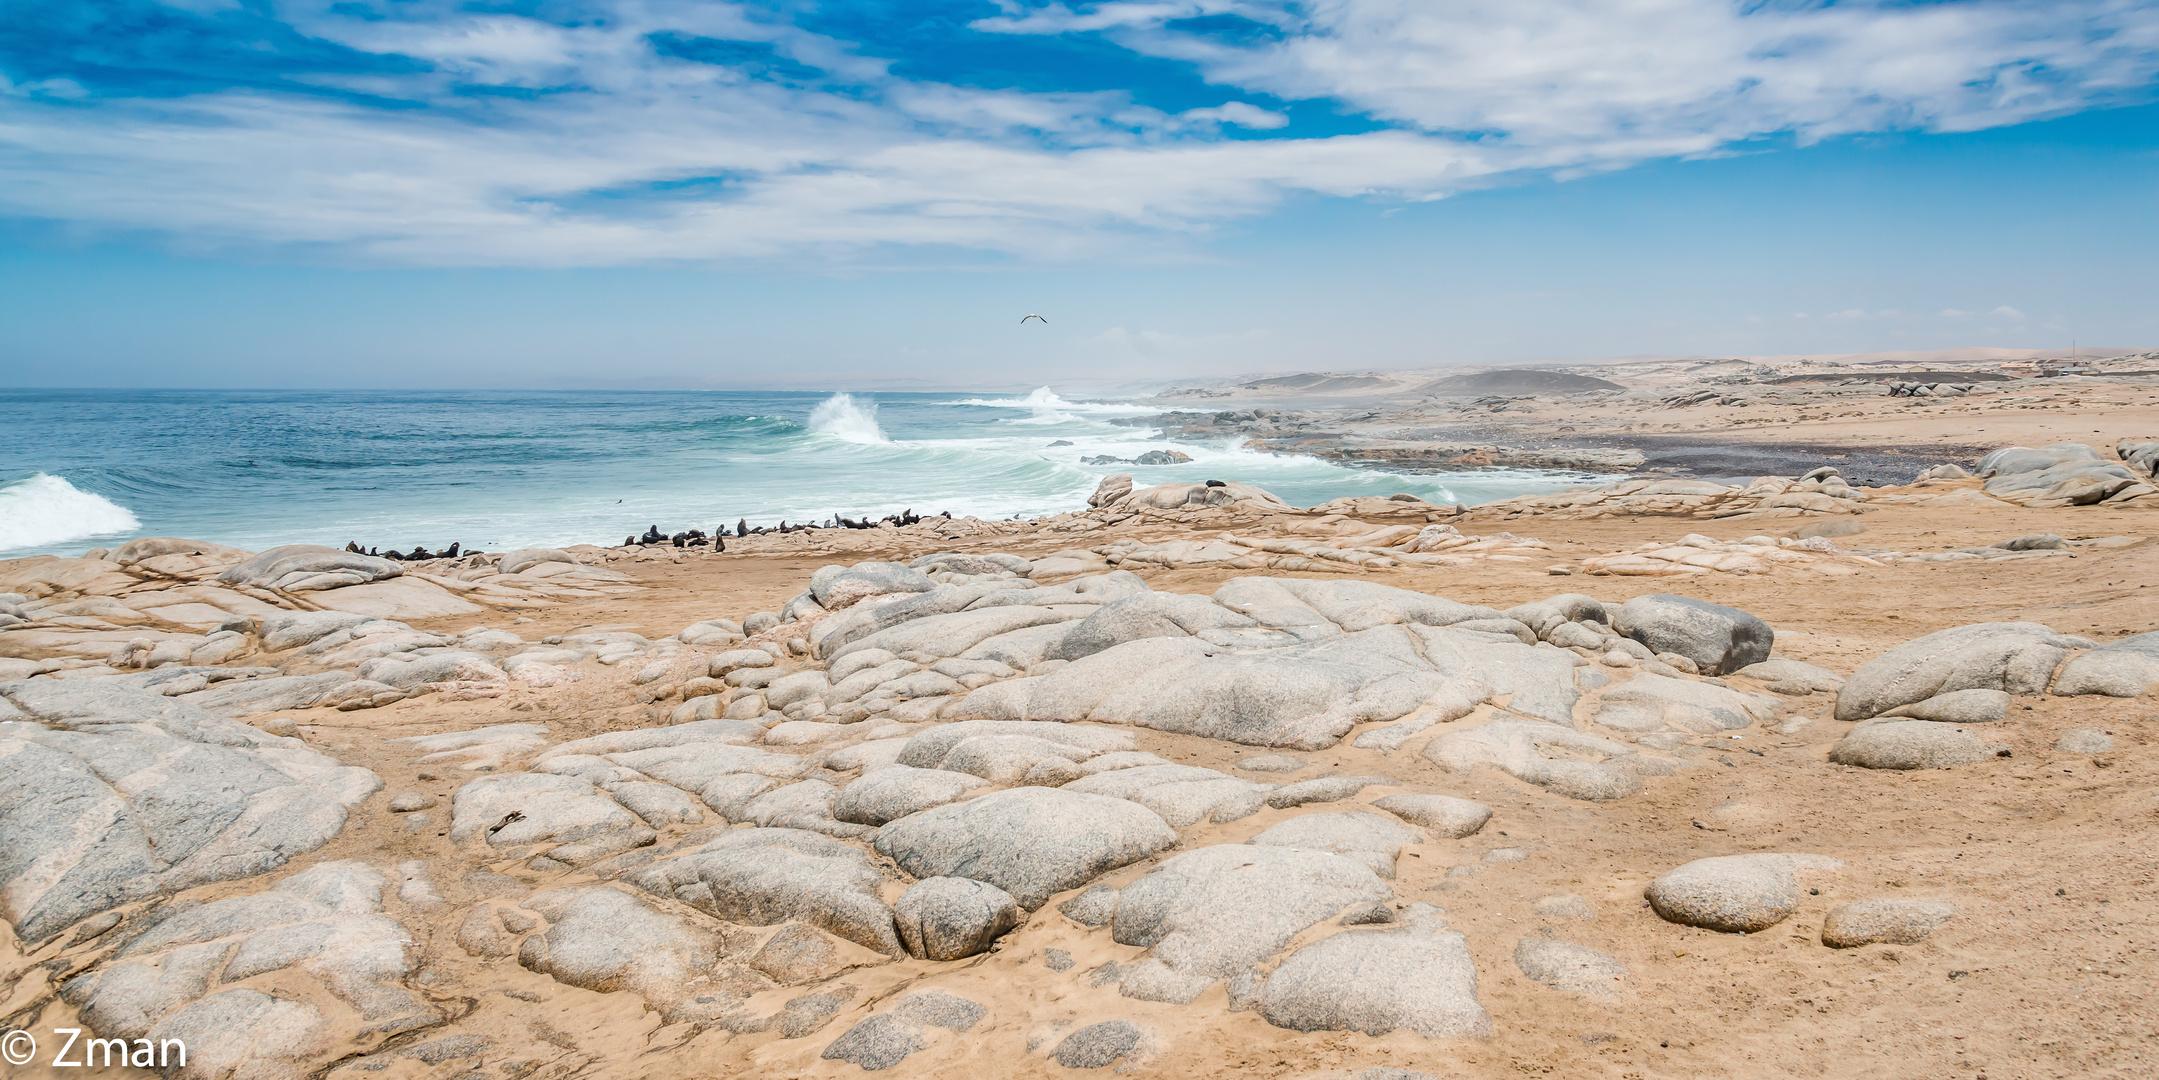 Seal Refuge on Skeleton Coast